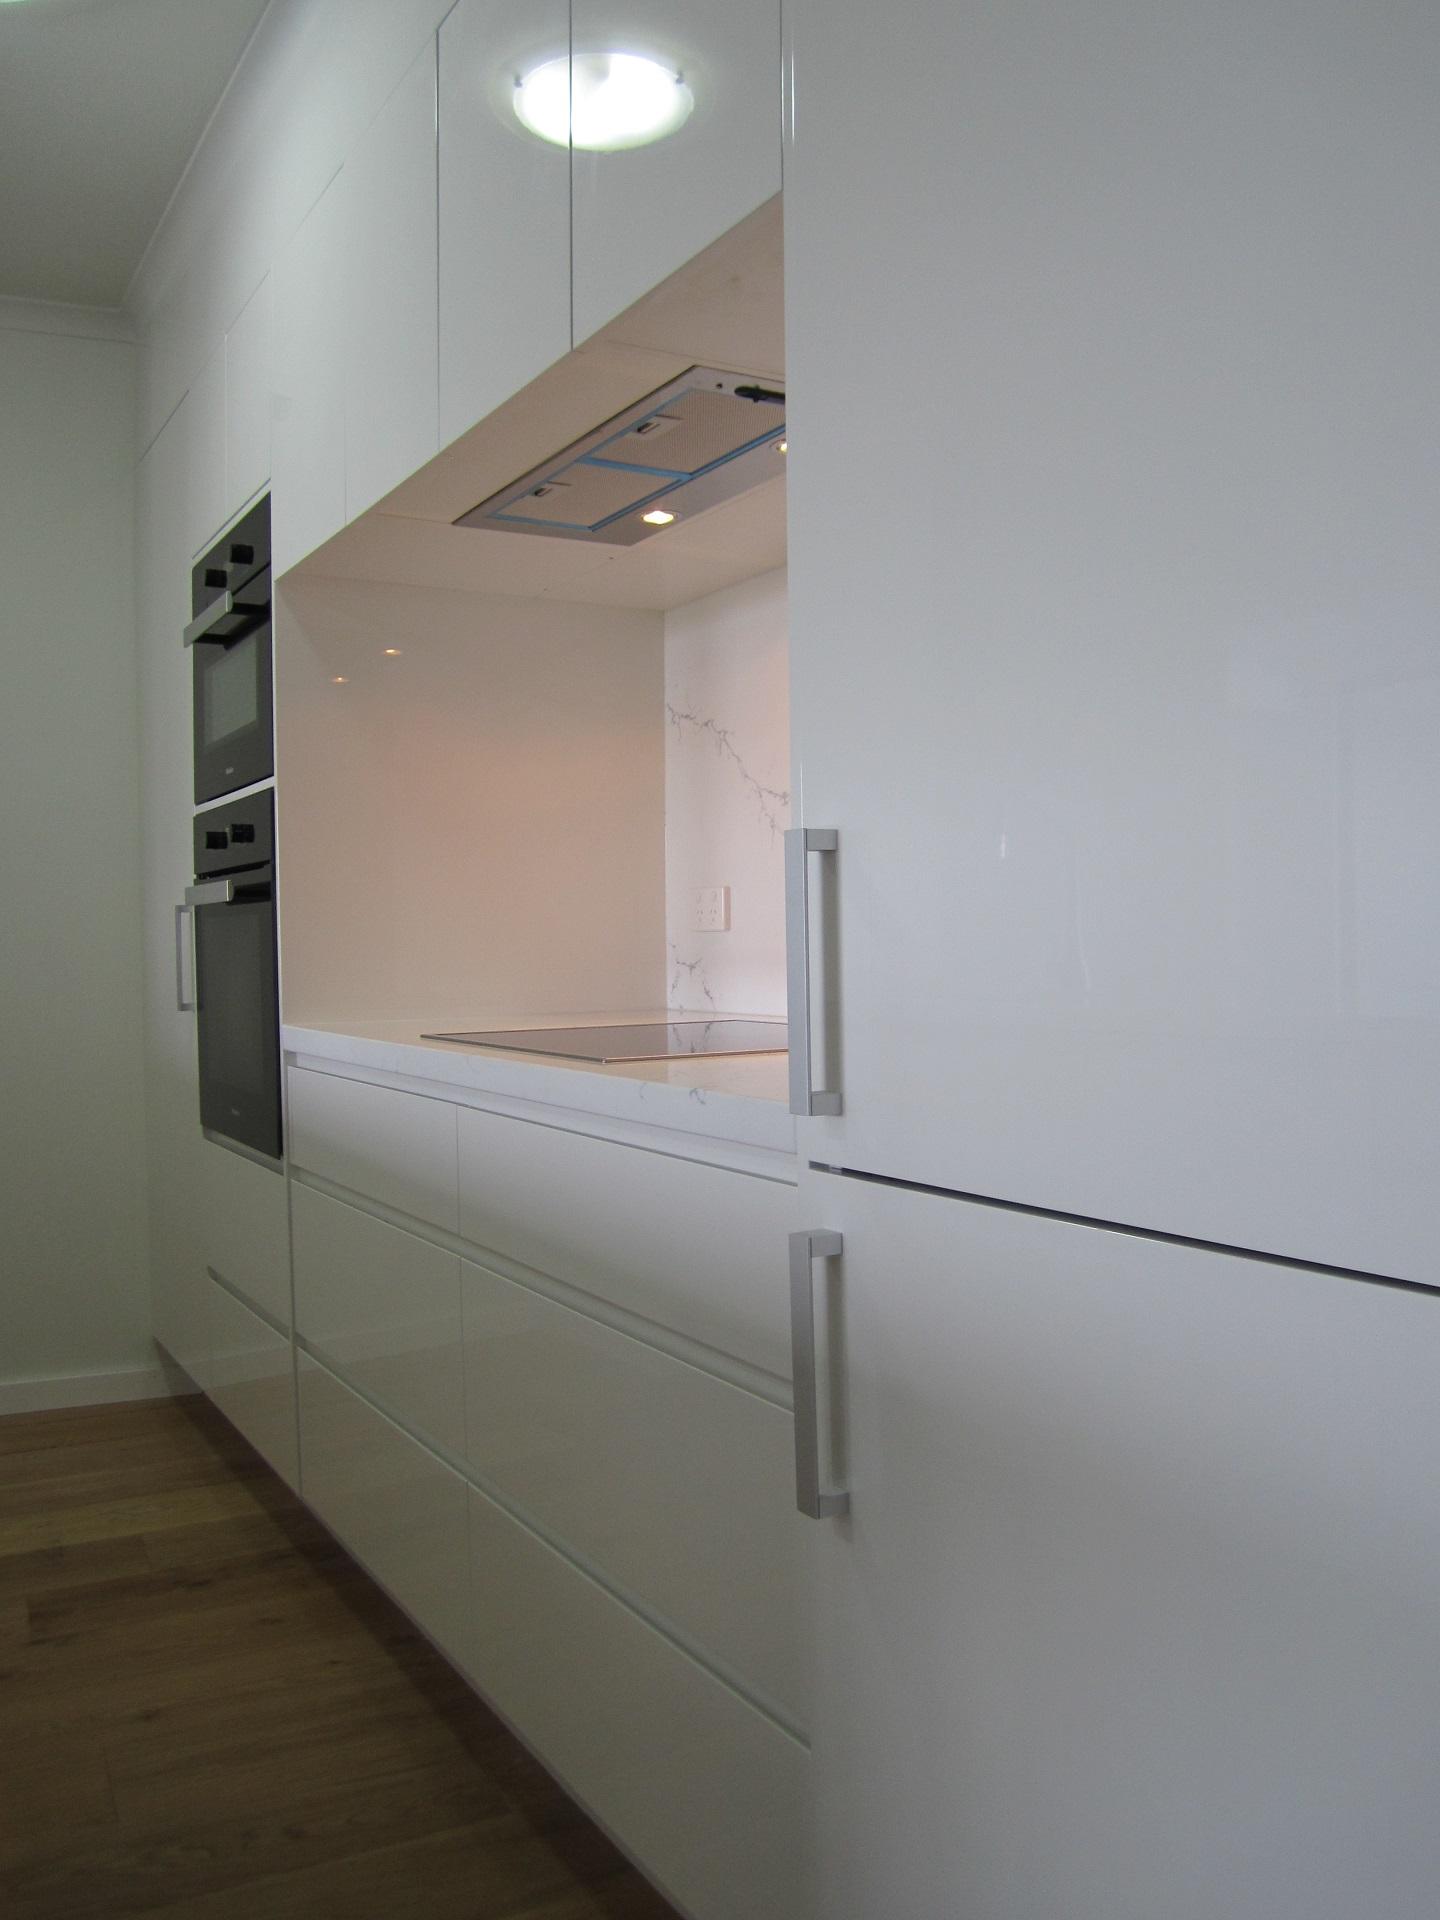 Brisbane Kitchen Design Brisbane City Contemporary Kitchen Renovation Integrated Fridge (9)